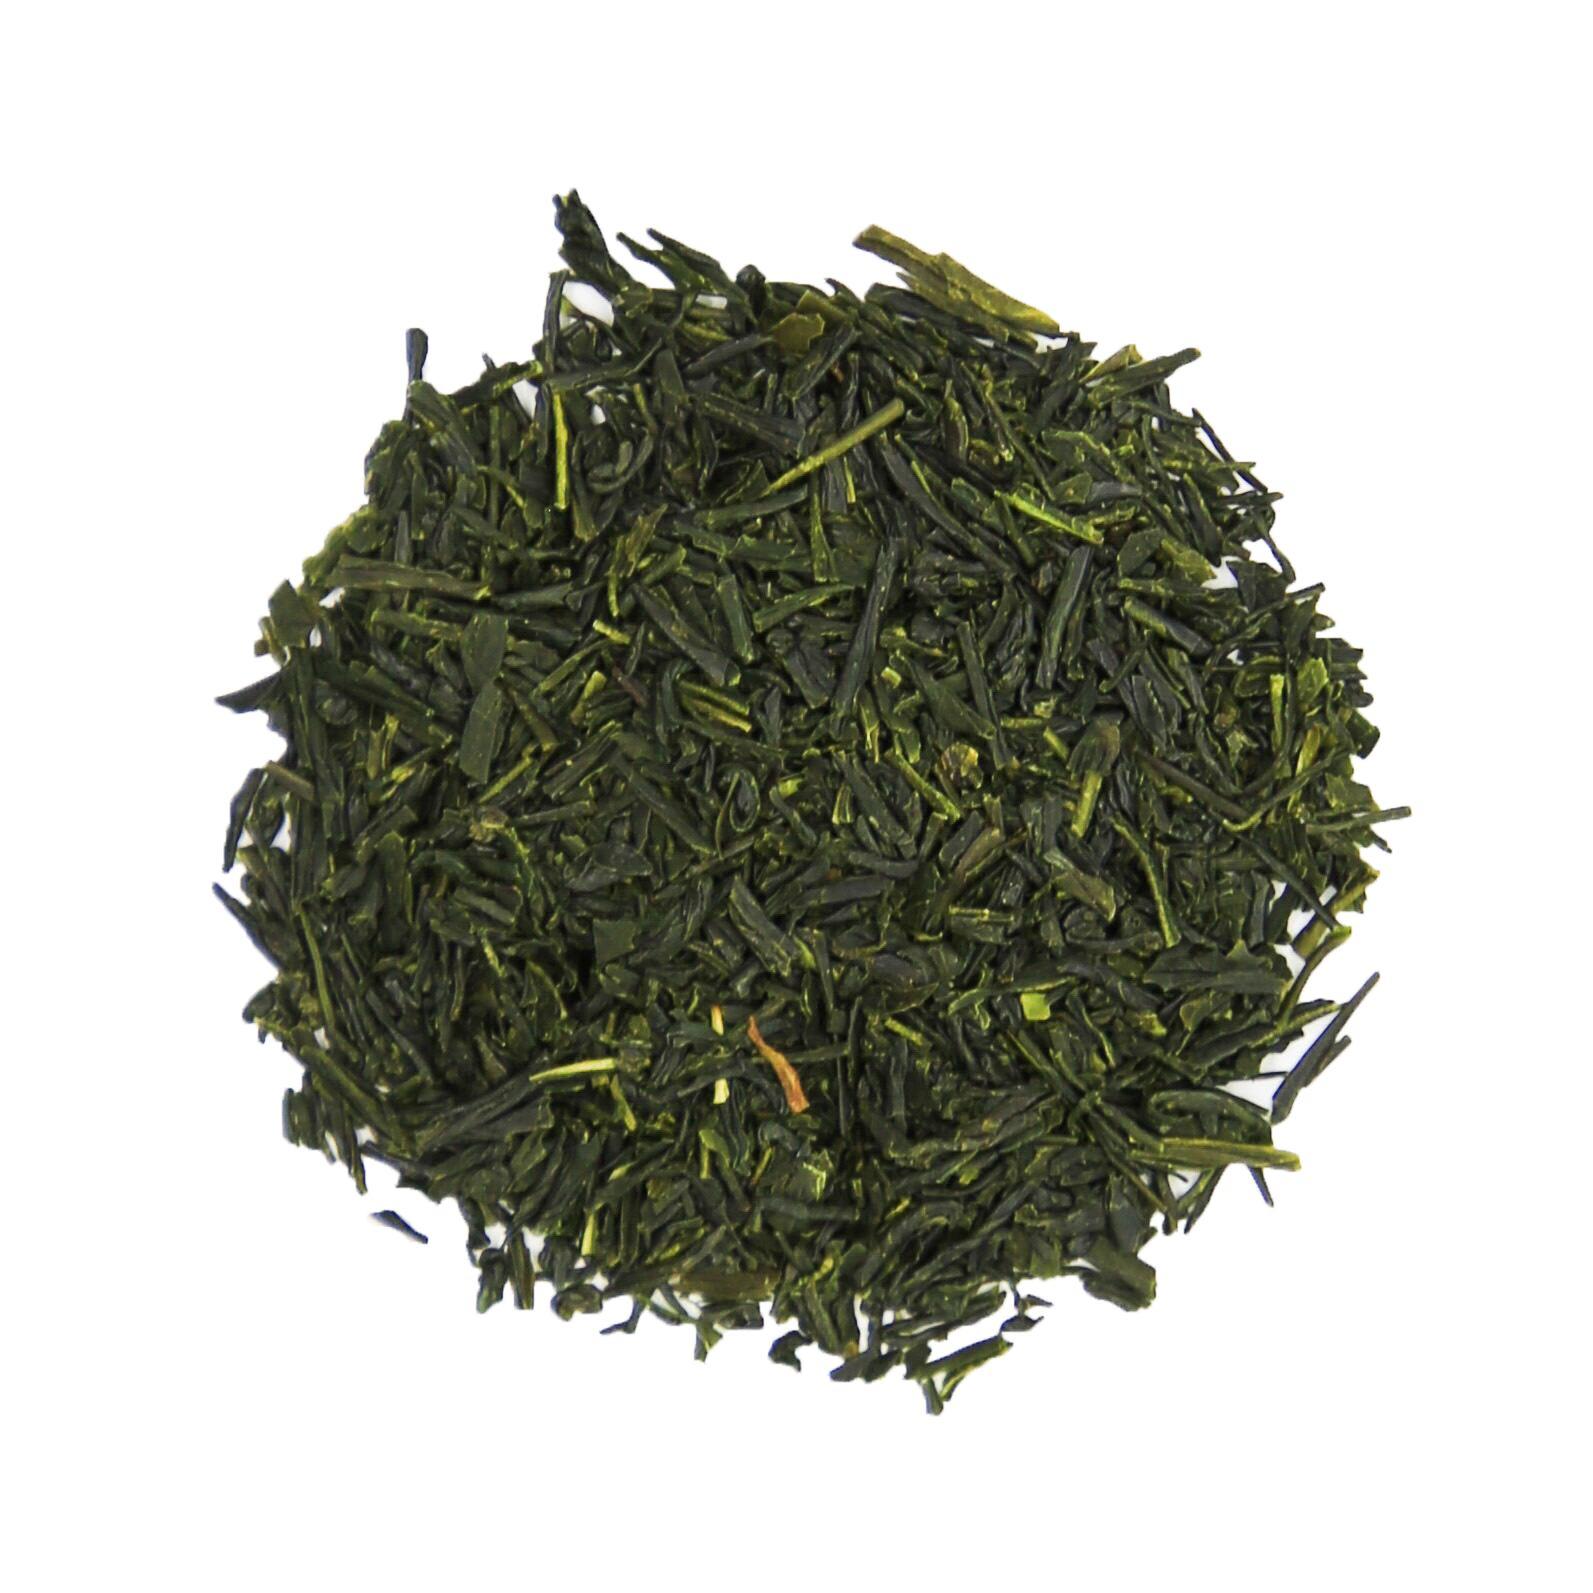 【法人様向け】アールグレイ煎茶 ティーバッグ 50個